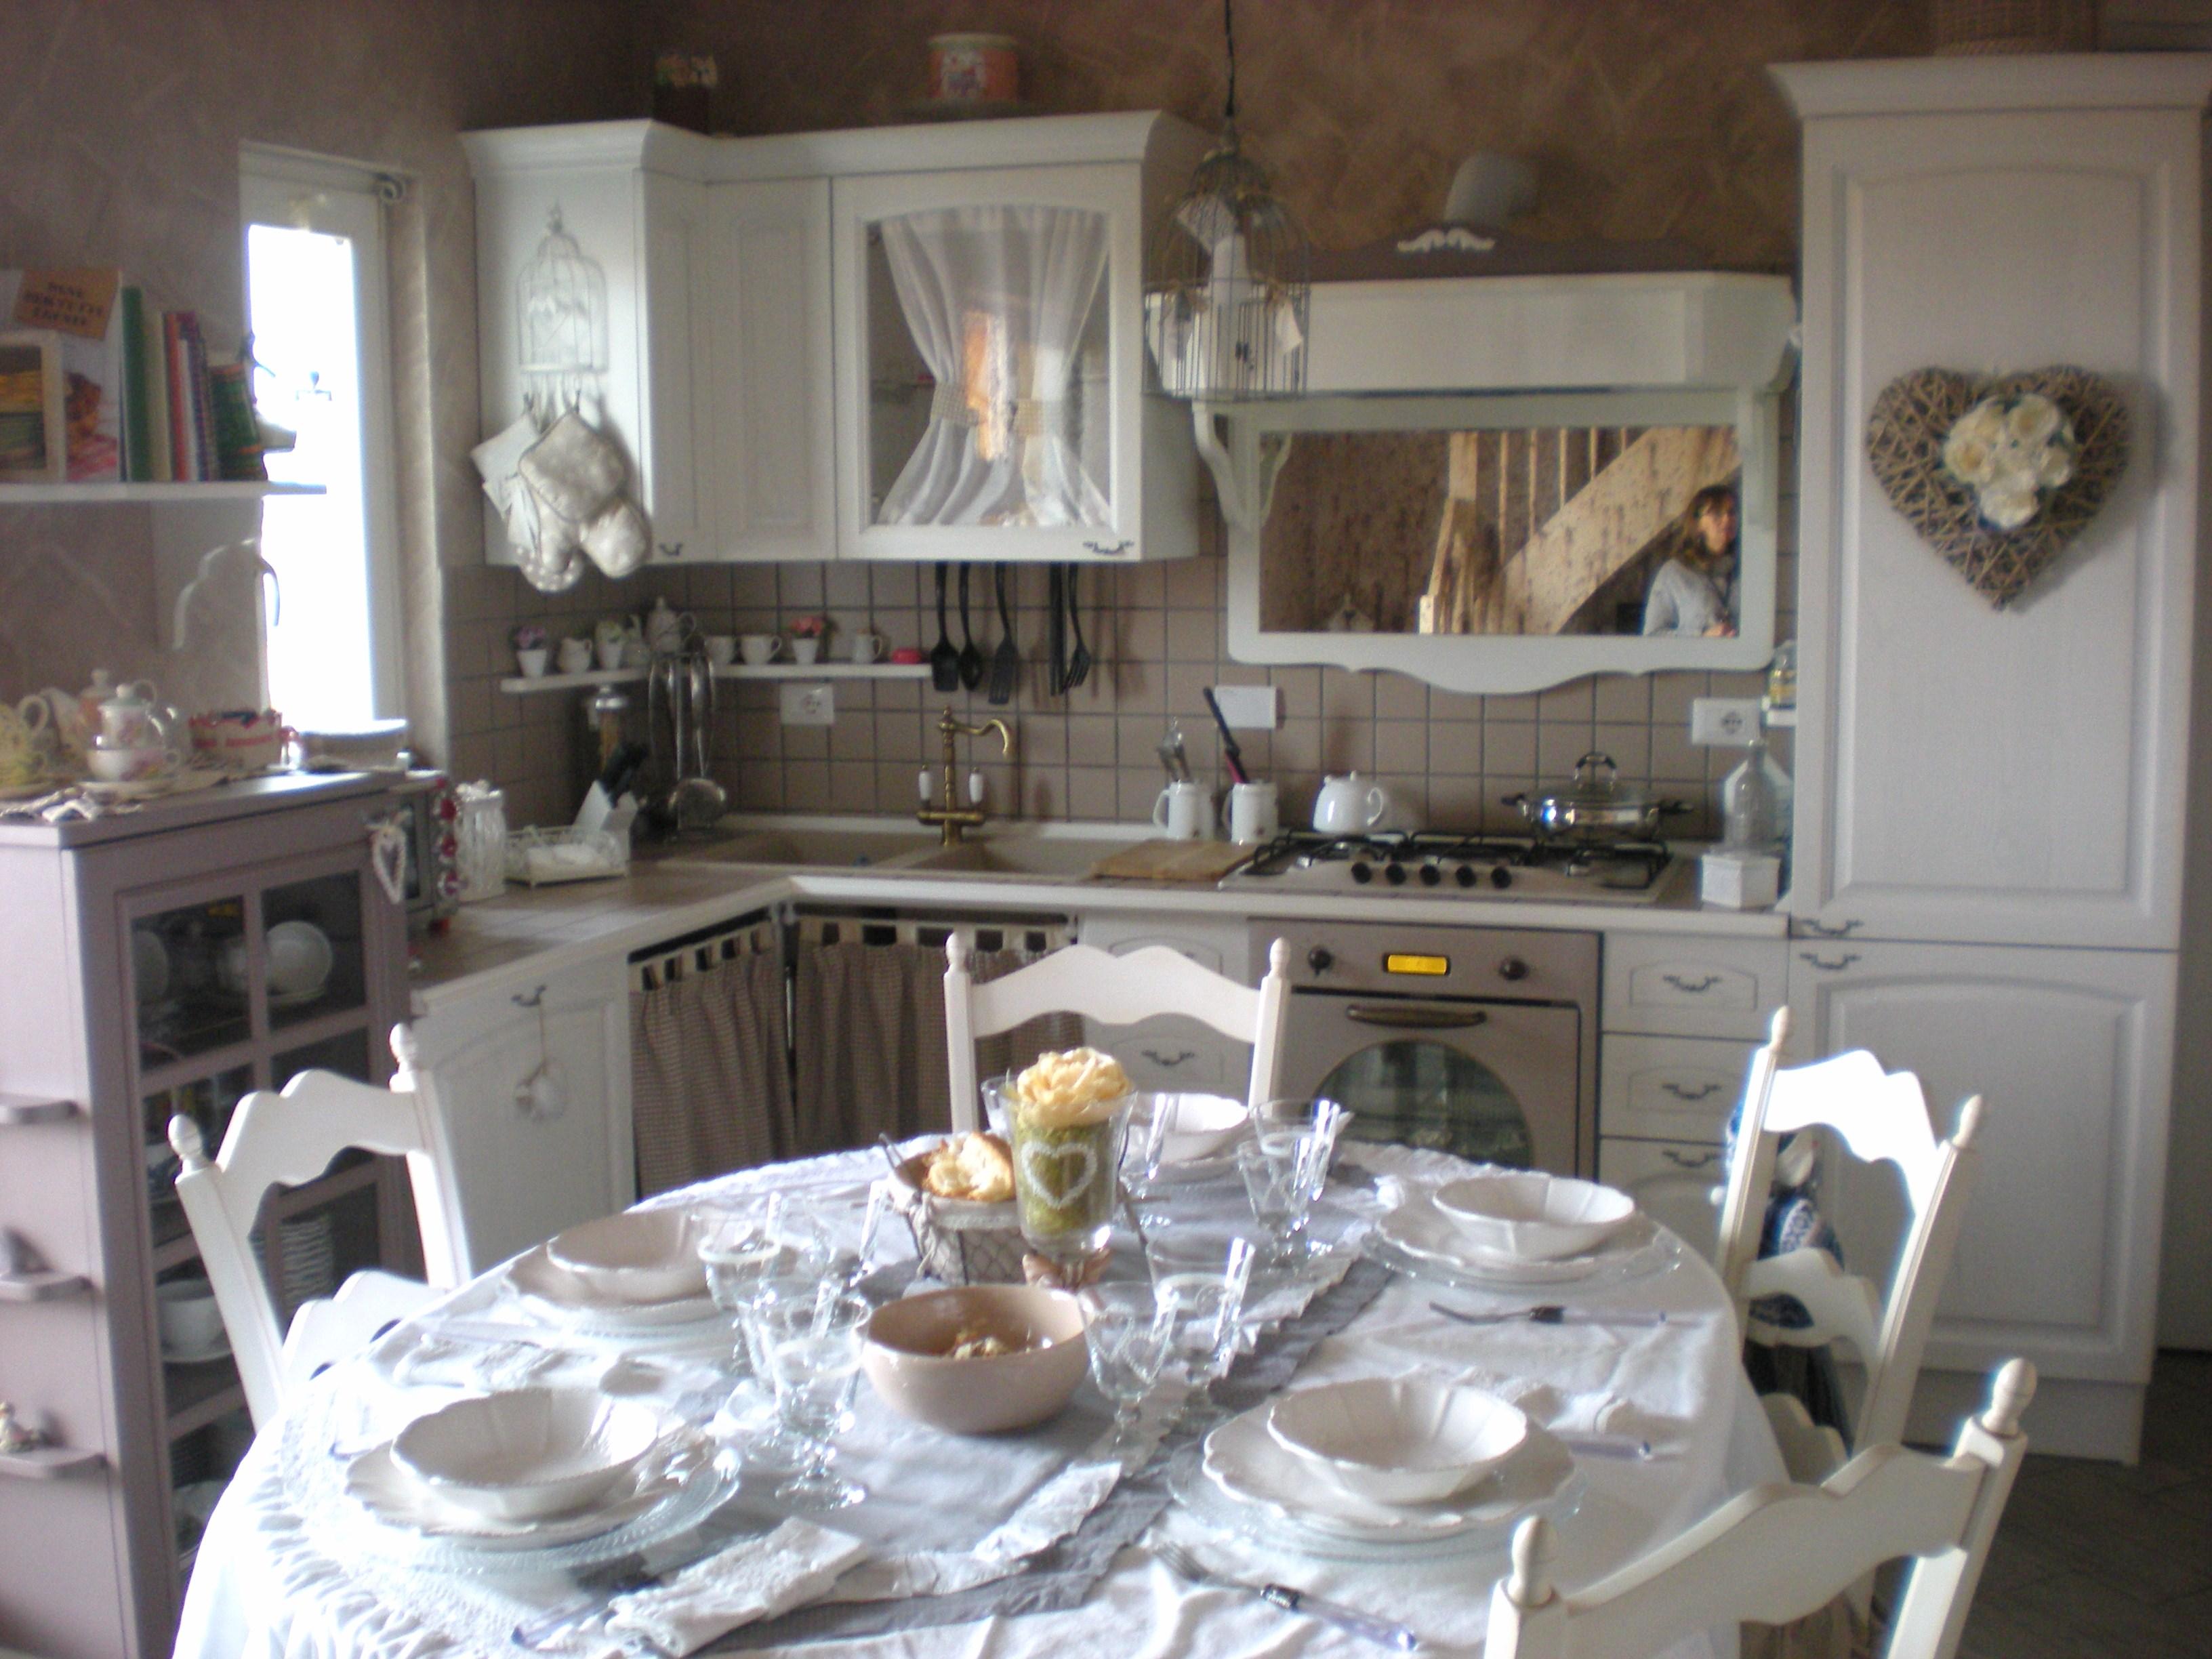 cucina provenzale-falegnameria su misura